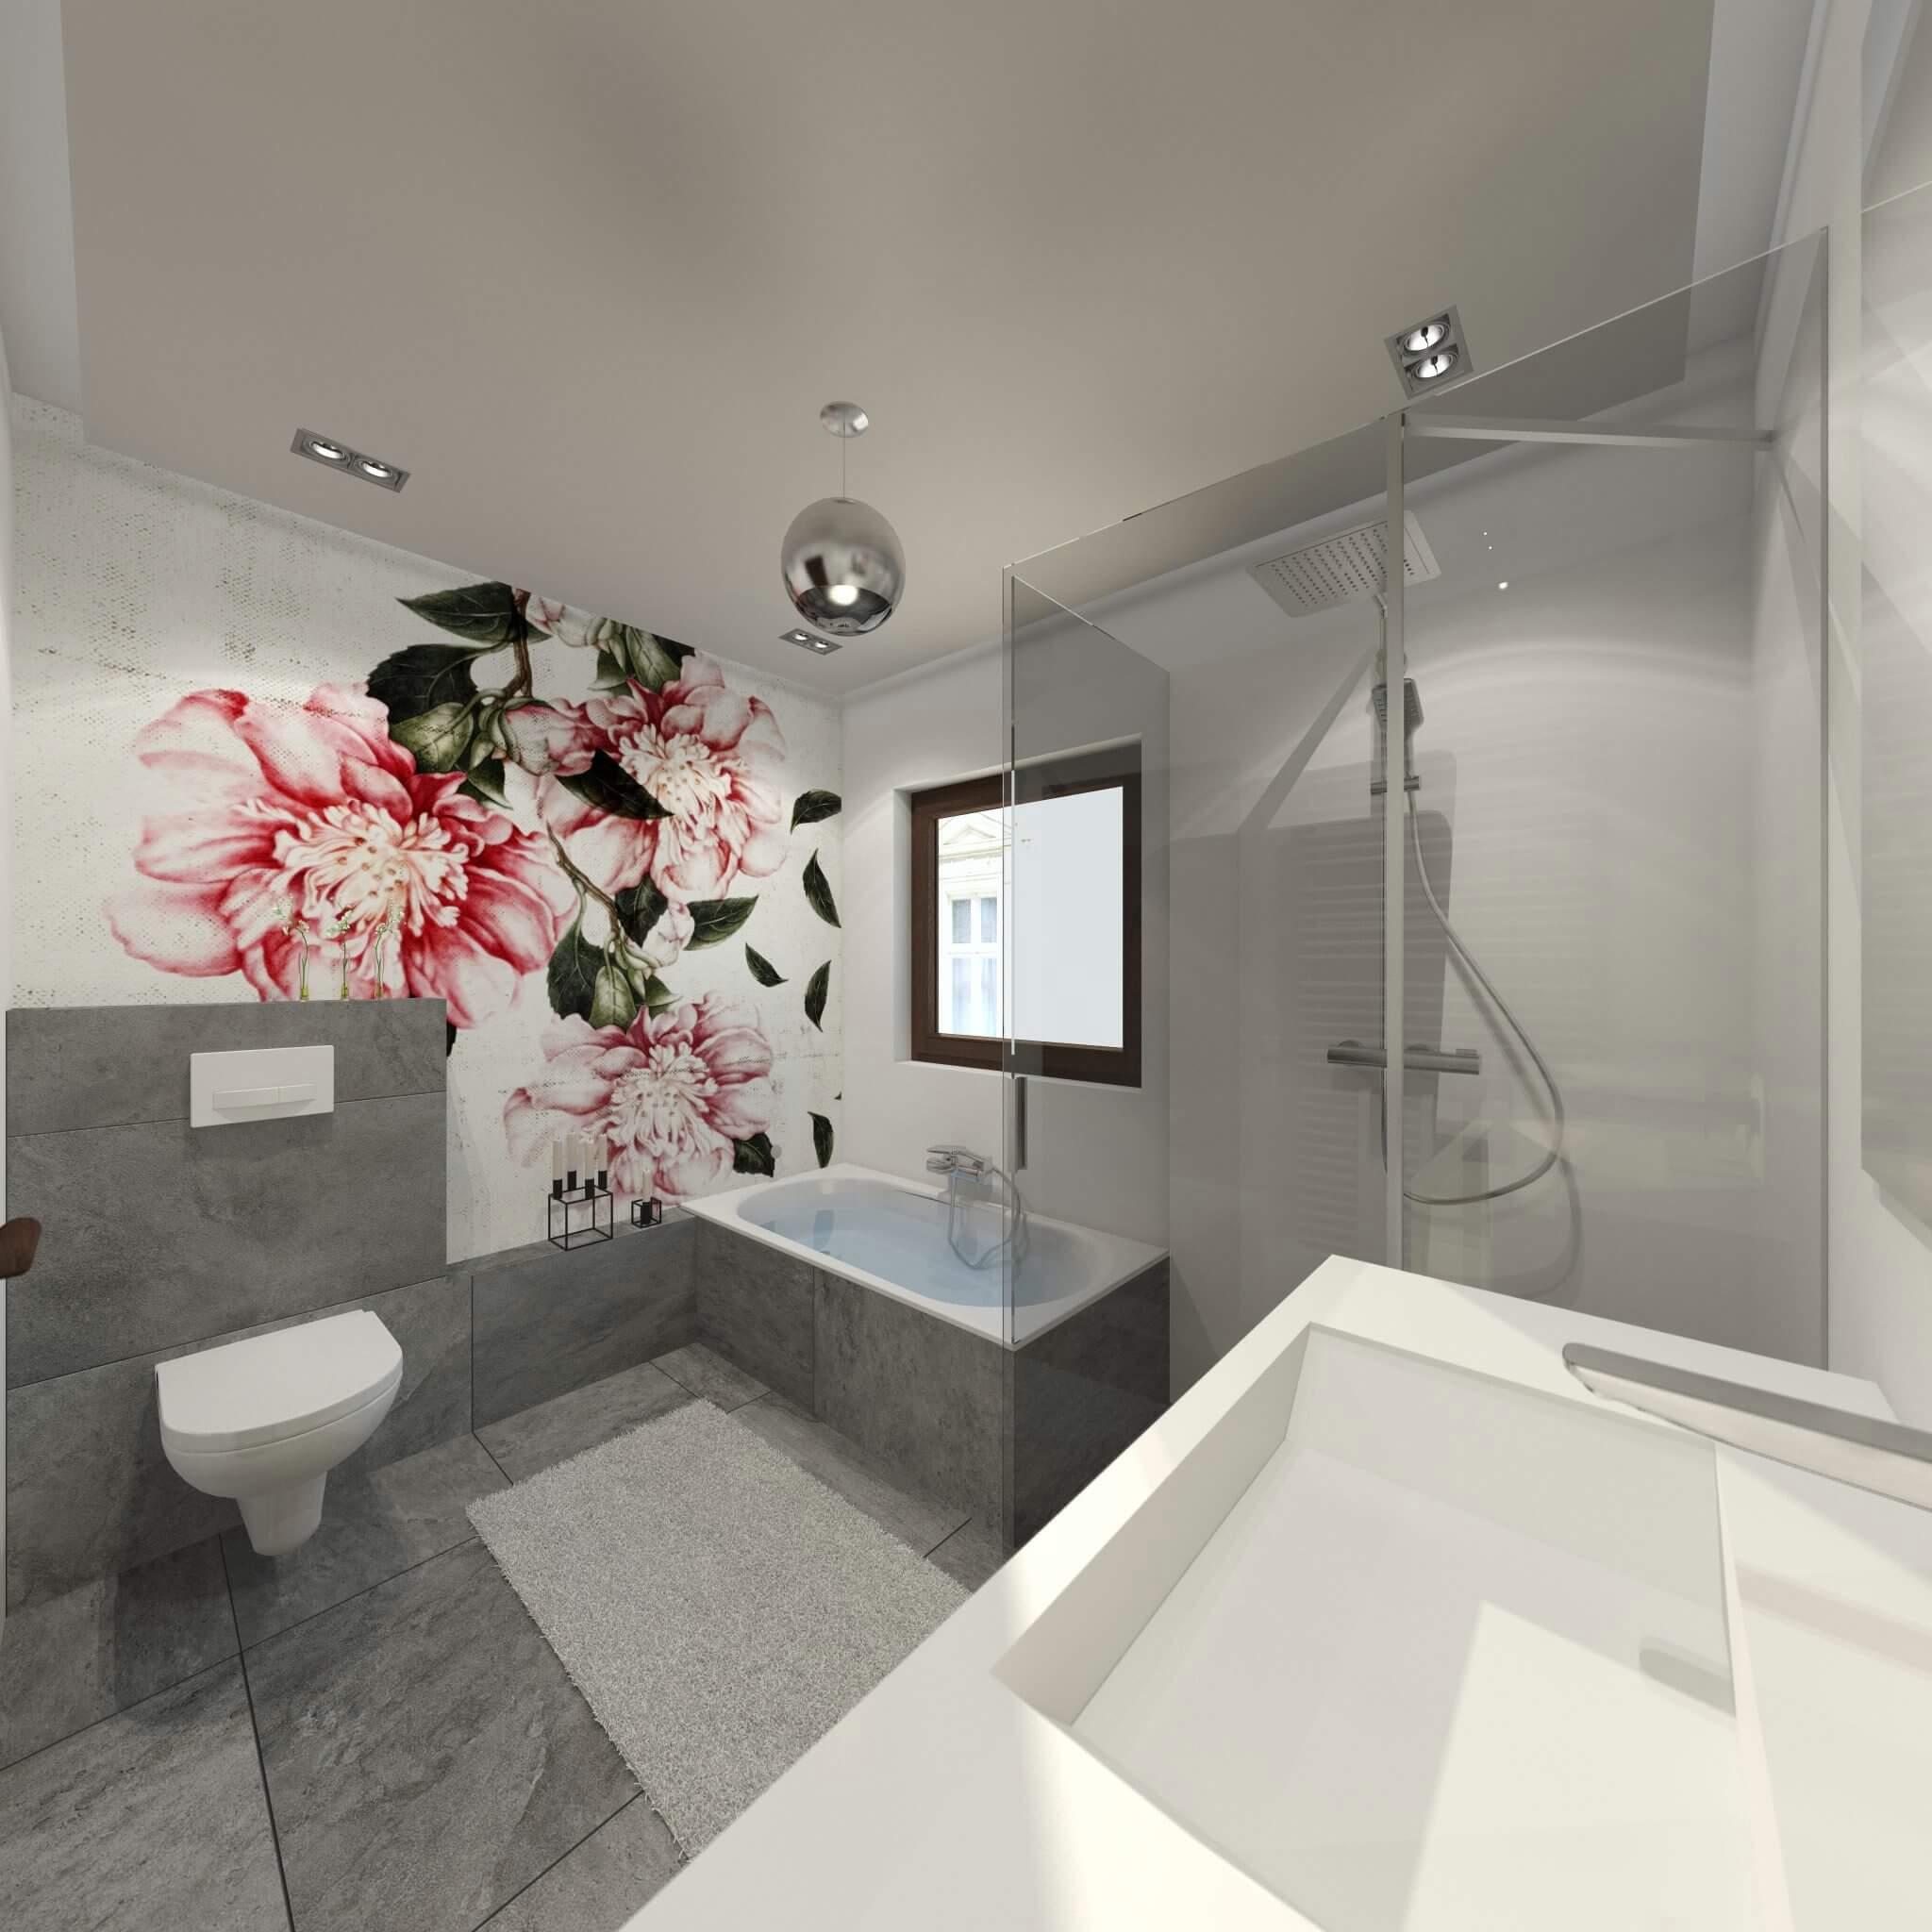 Badezimmer planen mit Design in Bonn Kln und Dsseldorf